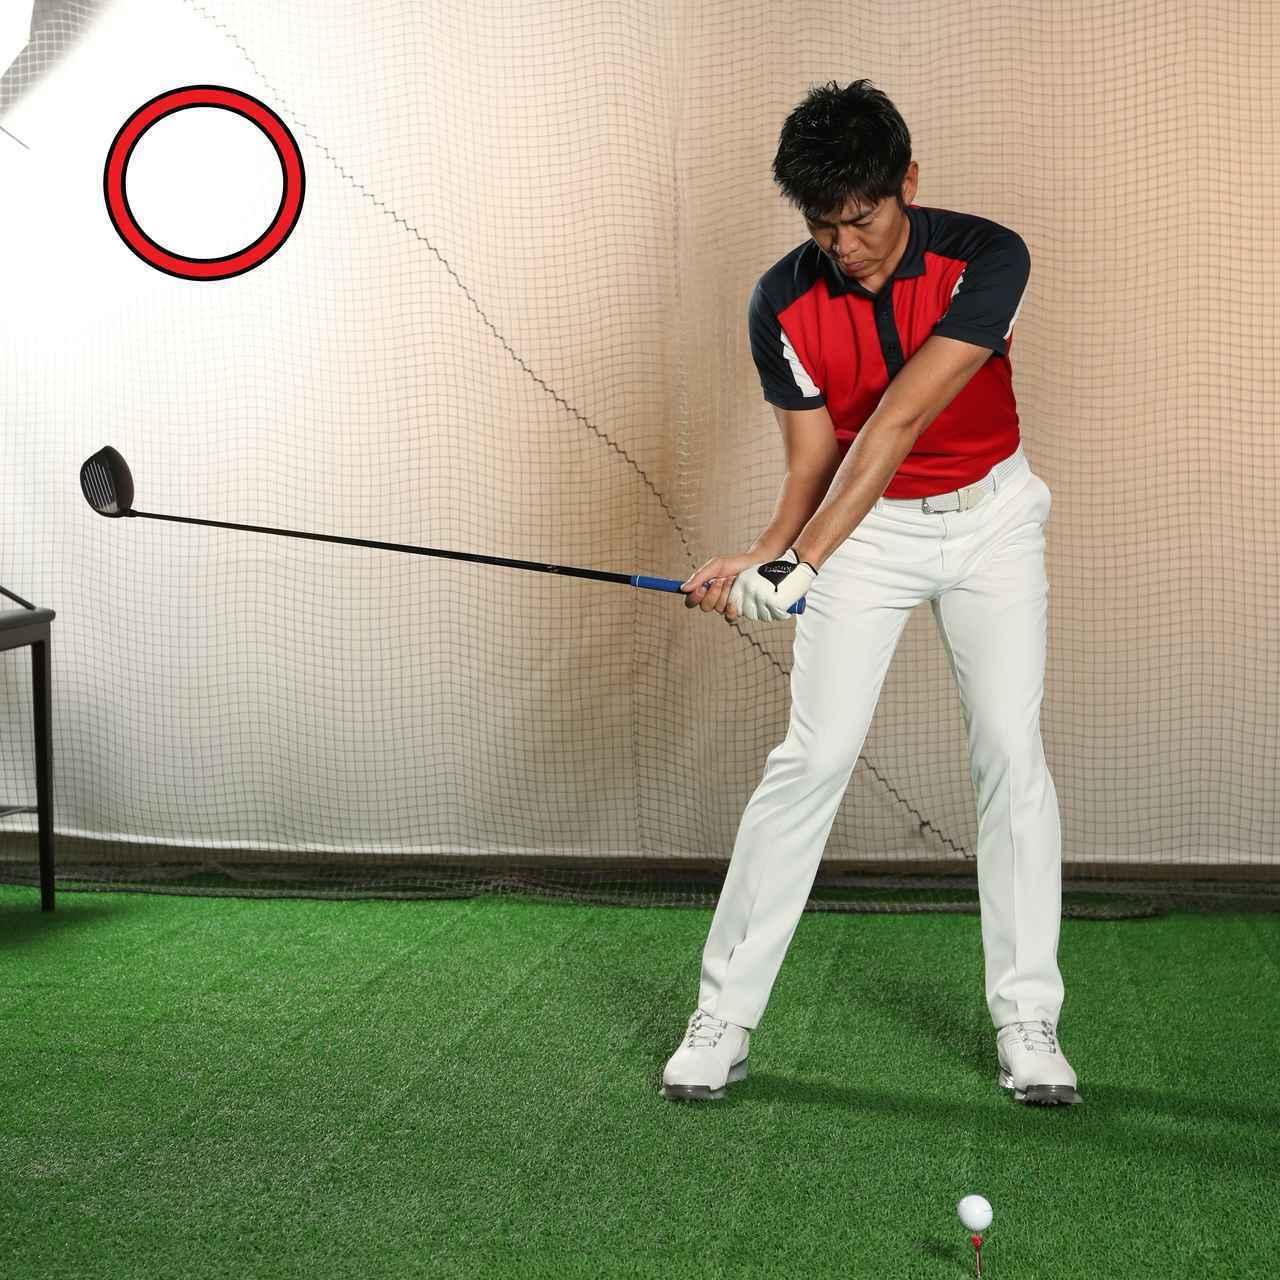 画像: 大切なのはカタチよりも動かす順番。地面反力を使うための「運動連鎖」を覚えよう【驚異の反力打法~飛ばしたいならバイオメカ #26】 - みんなのゴルフダイジェスト